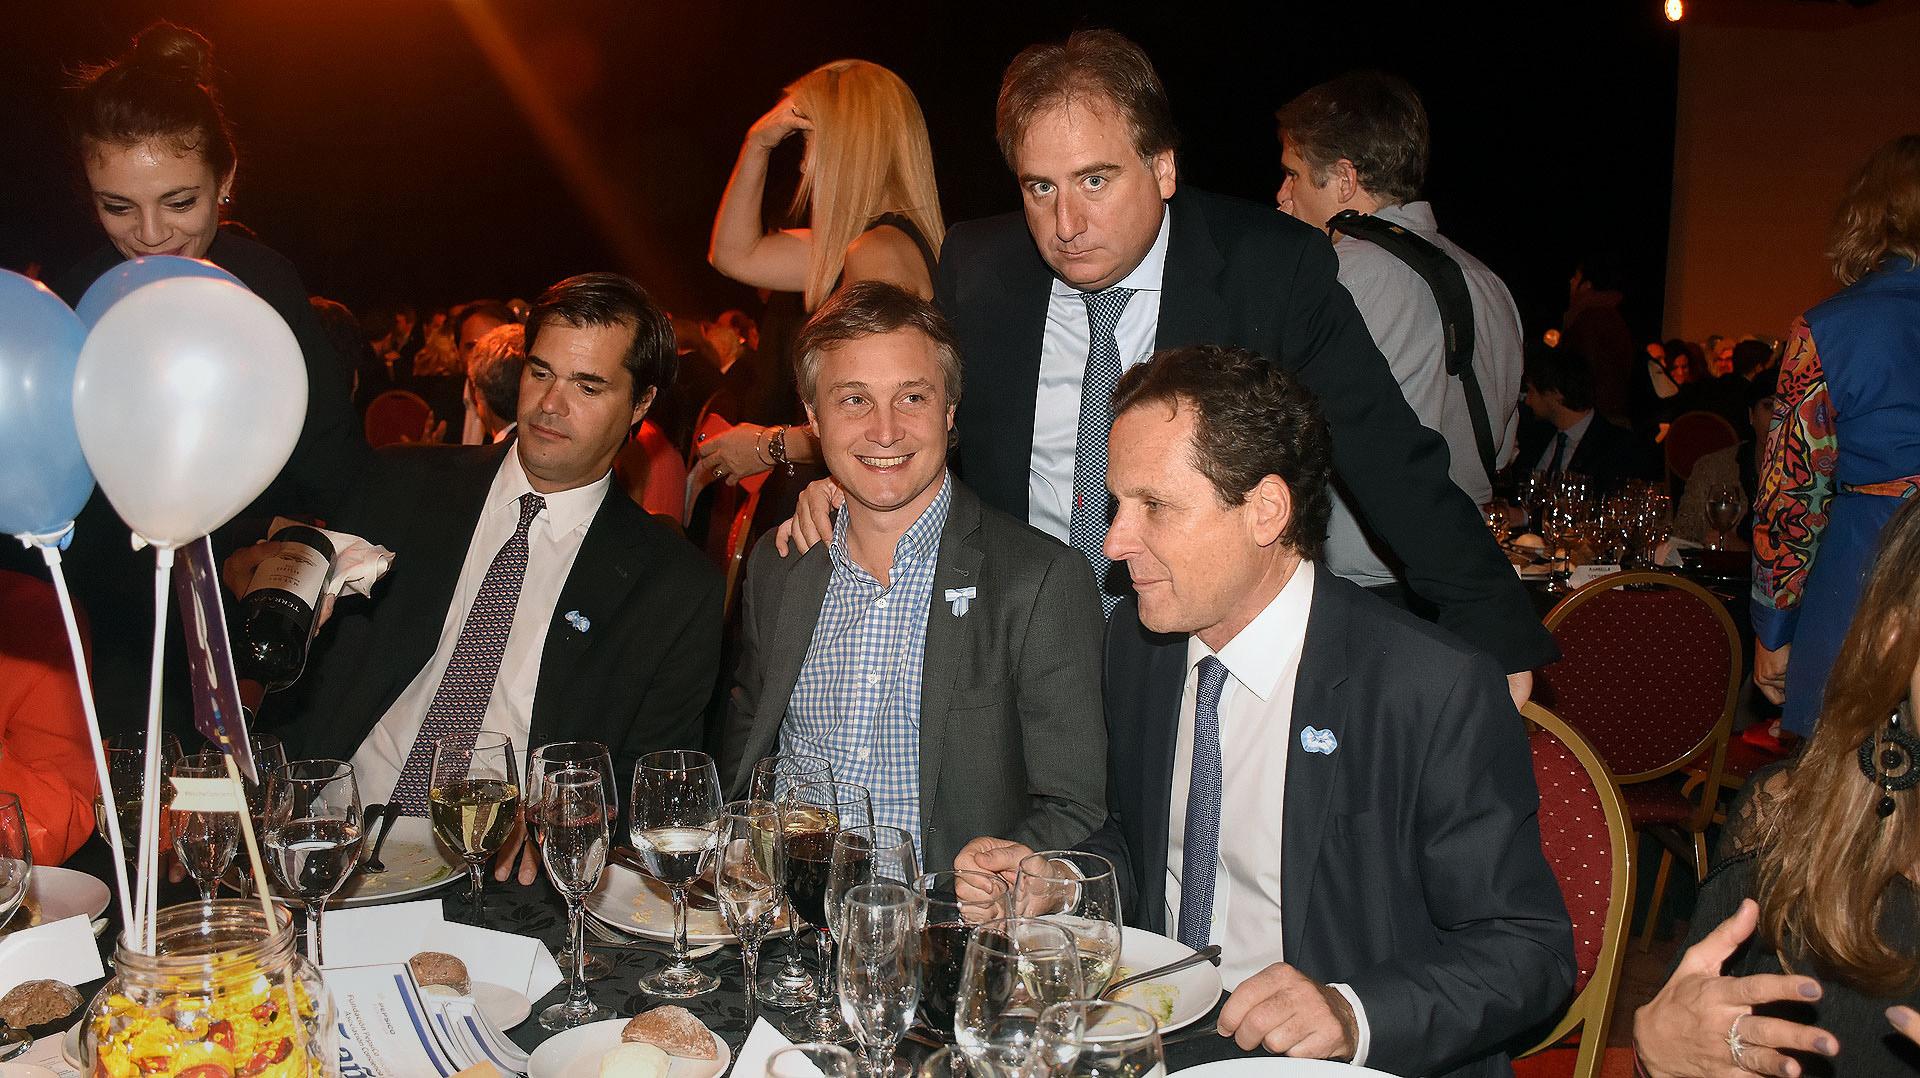 Sentados: Teofilo Lacroze, presidente de Shell; Fernando de Andreis, secretario general de la Presidencia, y Marcelo Sielecki. De pie, Tato Lanusse